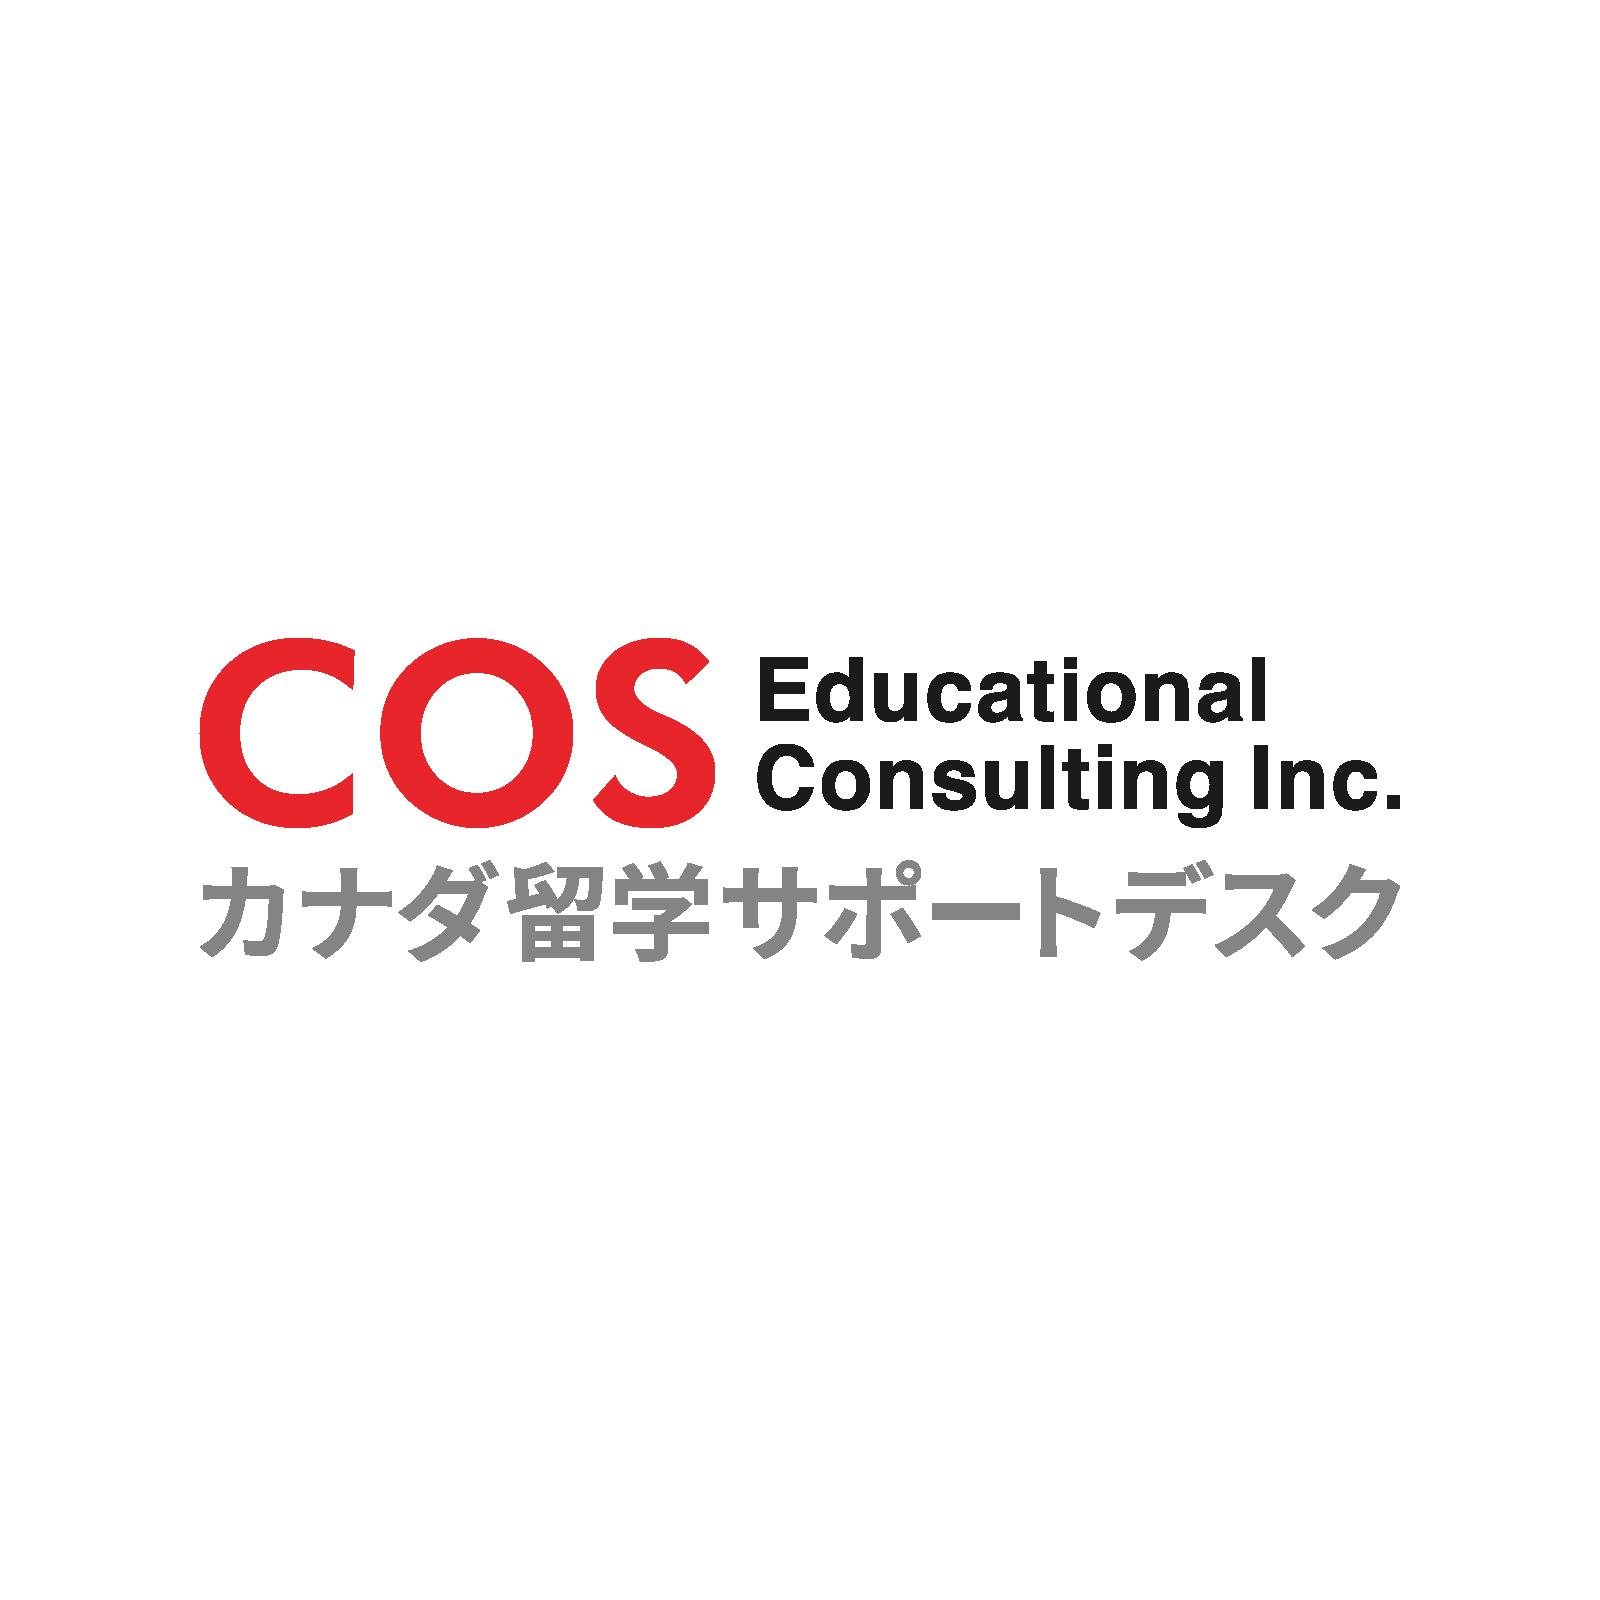 私が留学でホイクペディアの会社であるCOS留学サポートデスクを選んだ理由